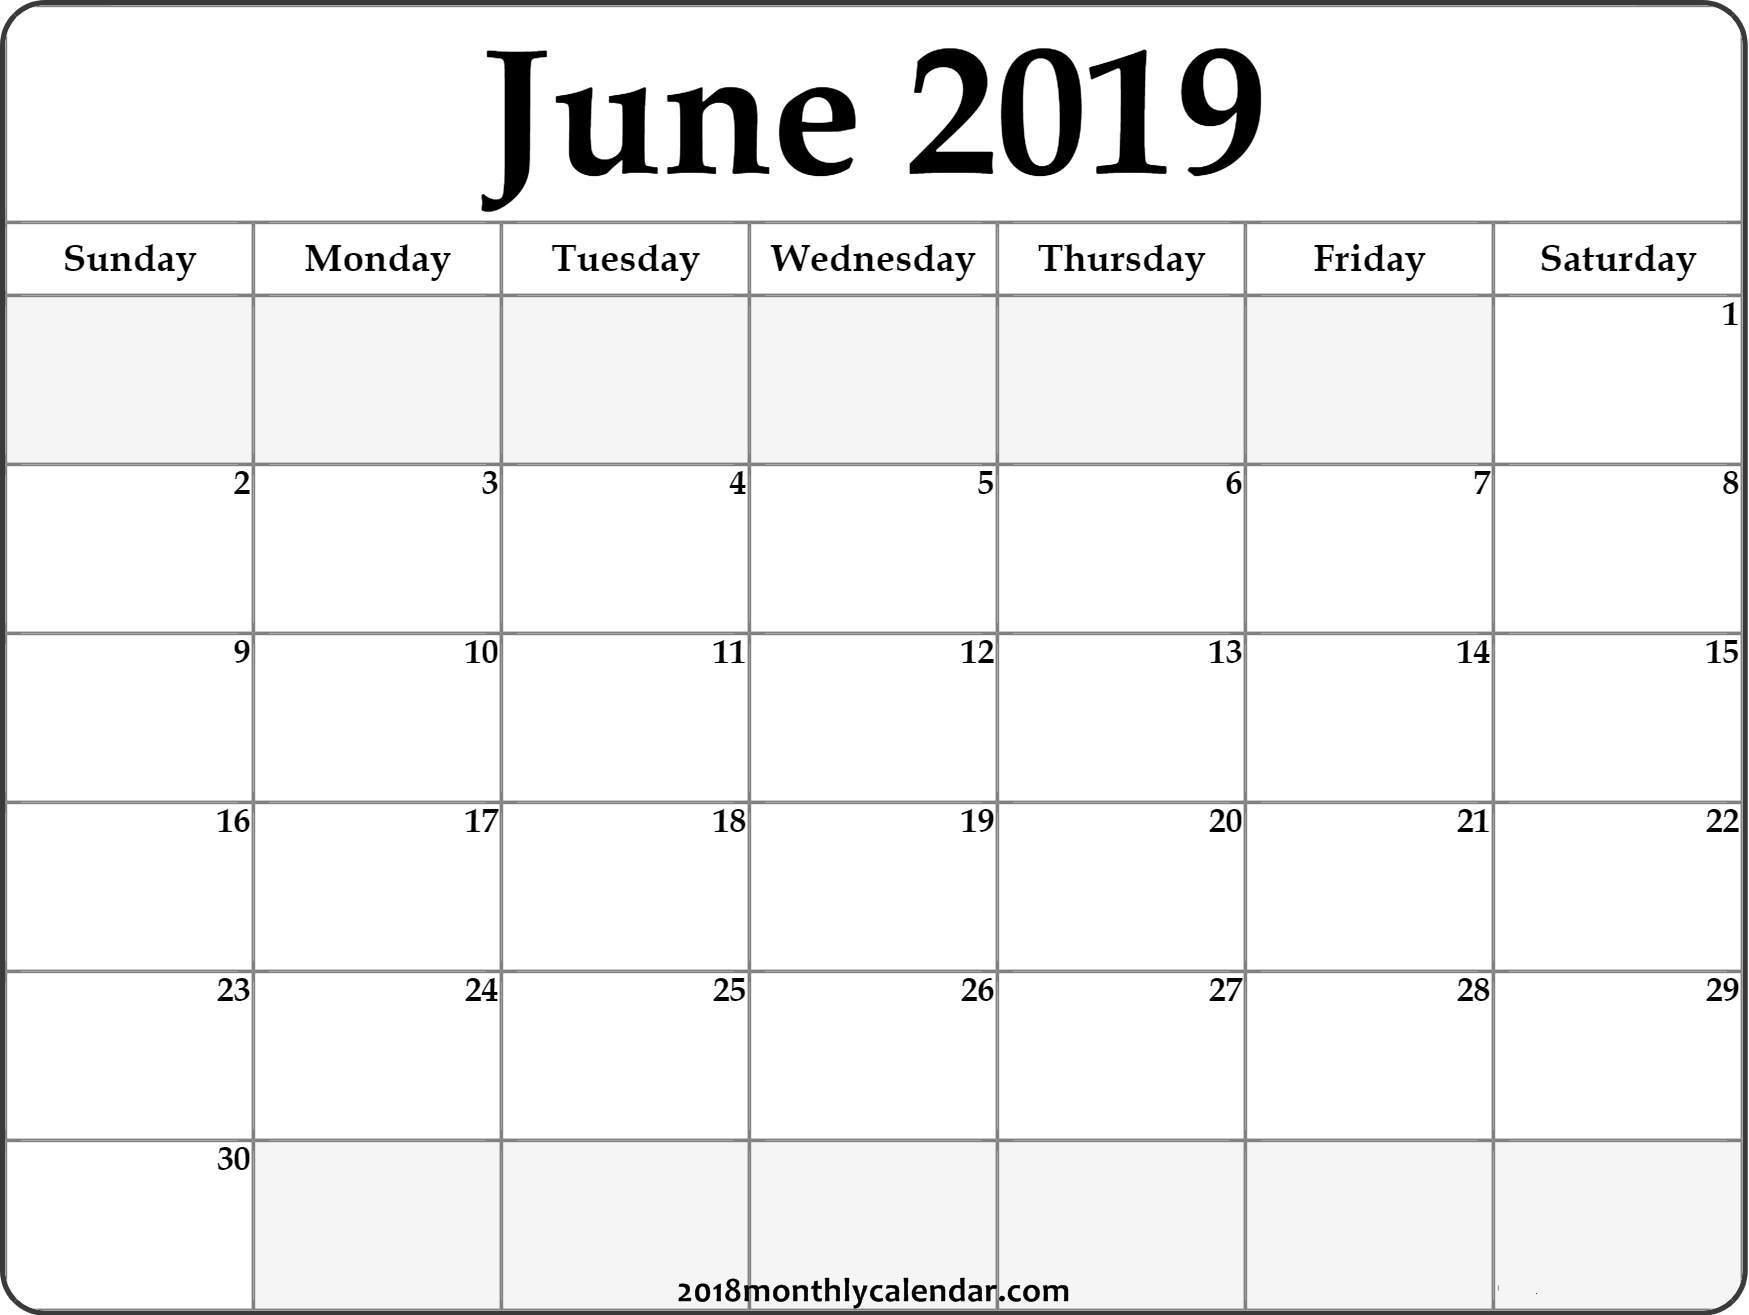 June 2019 Calendar Excel